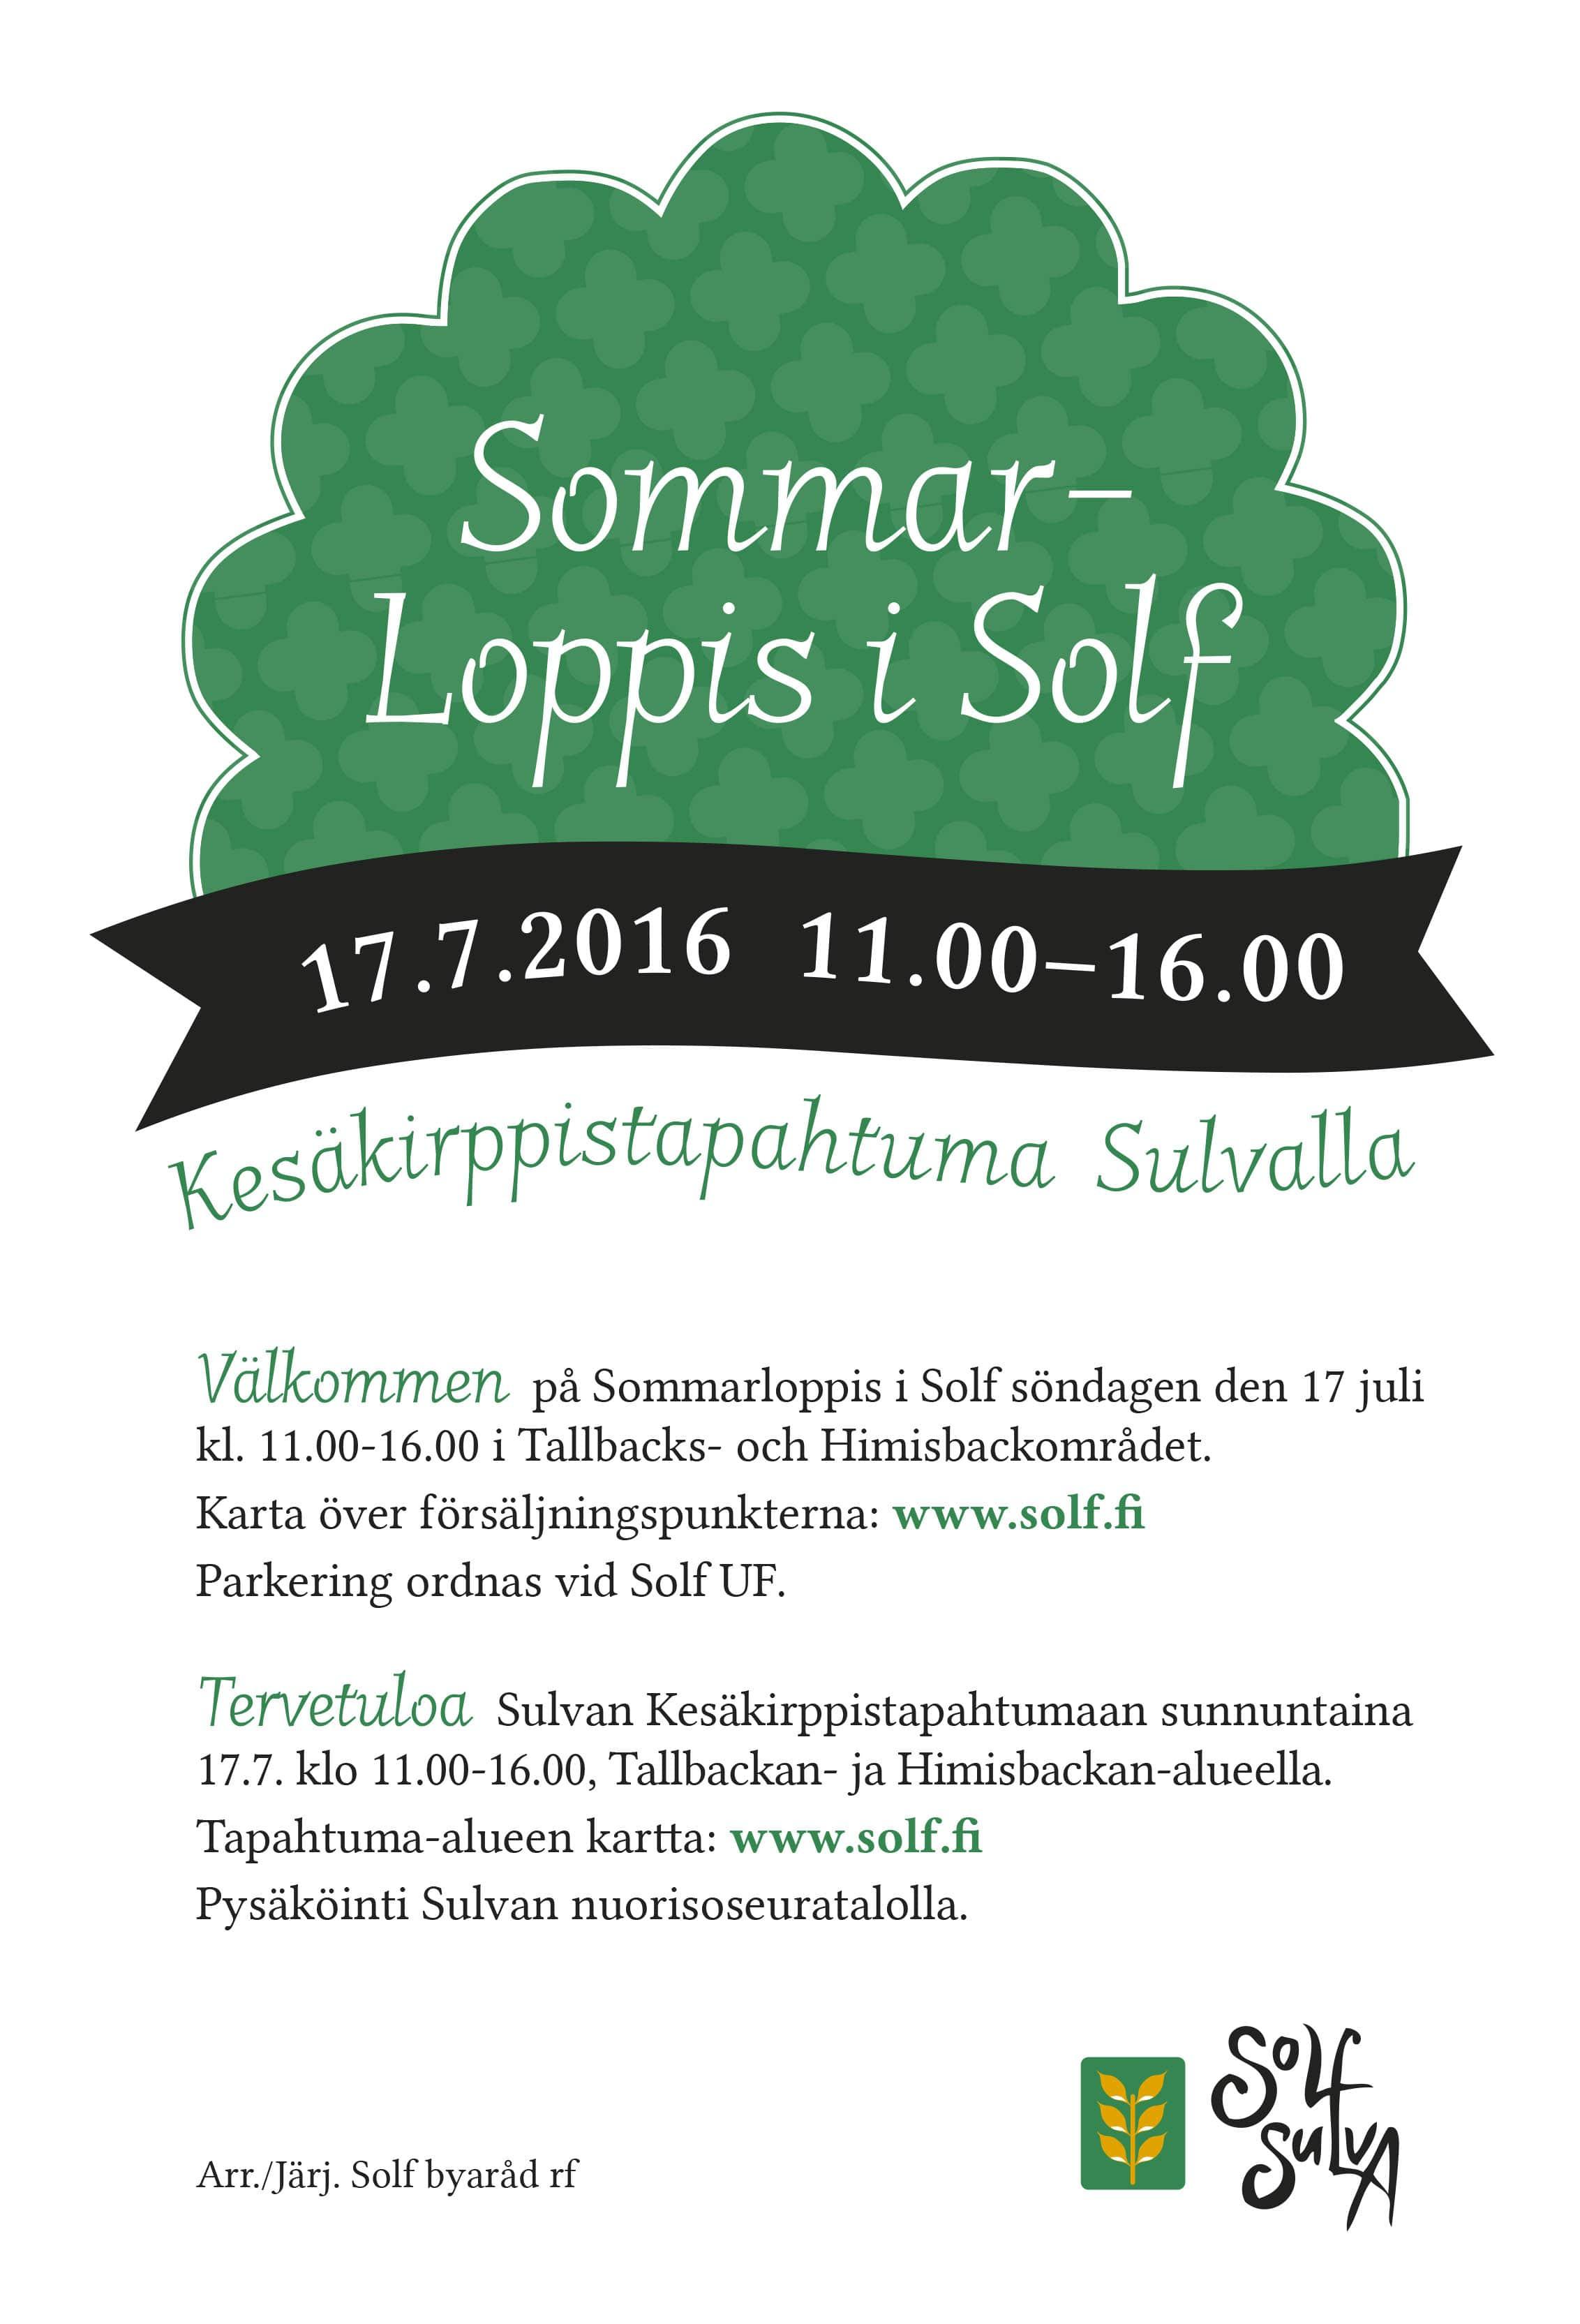 SolfSommarloppis_reklam_2016